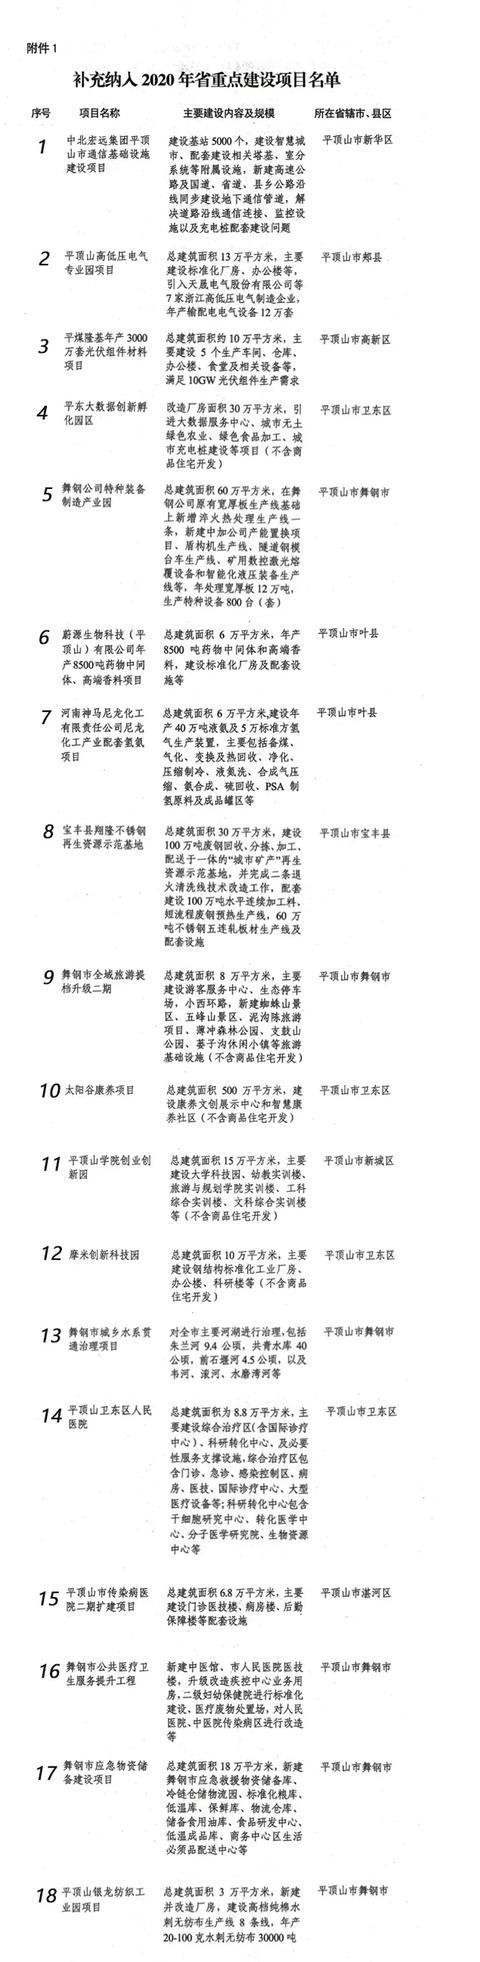 重磅!2020年河南省重点项目新增210个,平顶山有多少入选?插图2